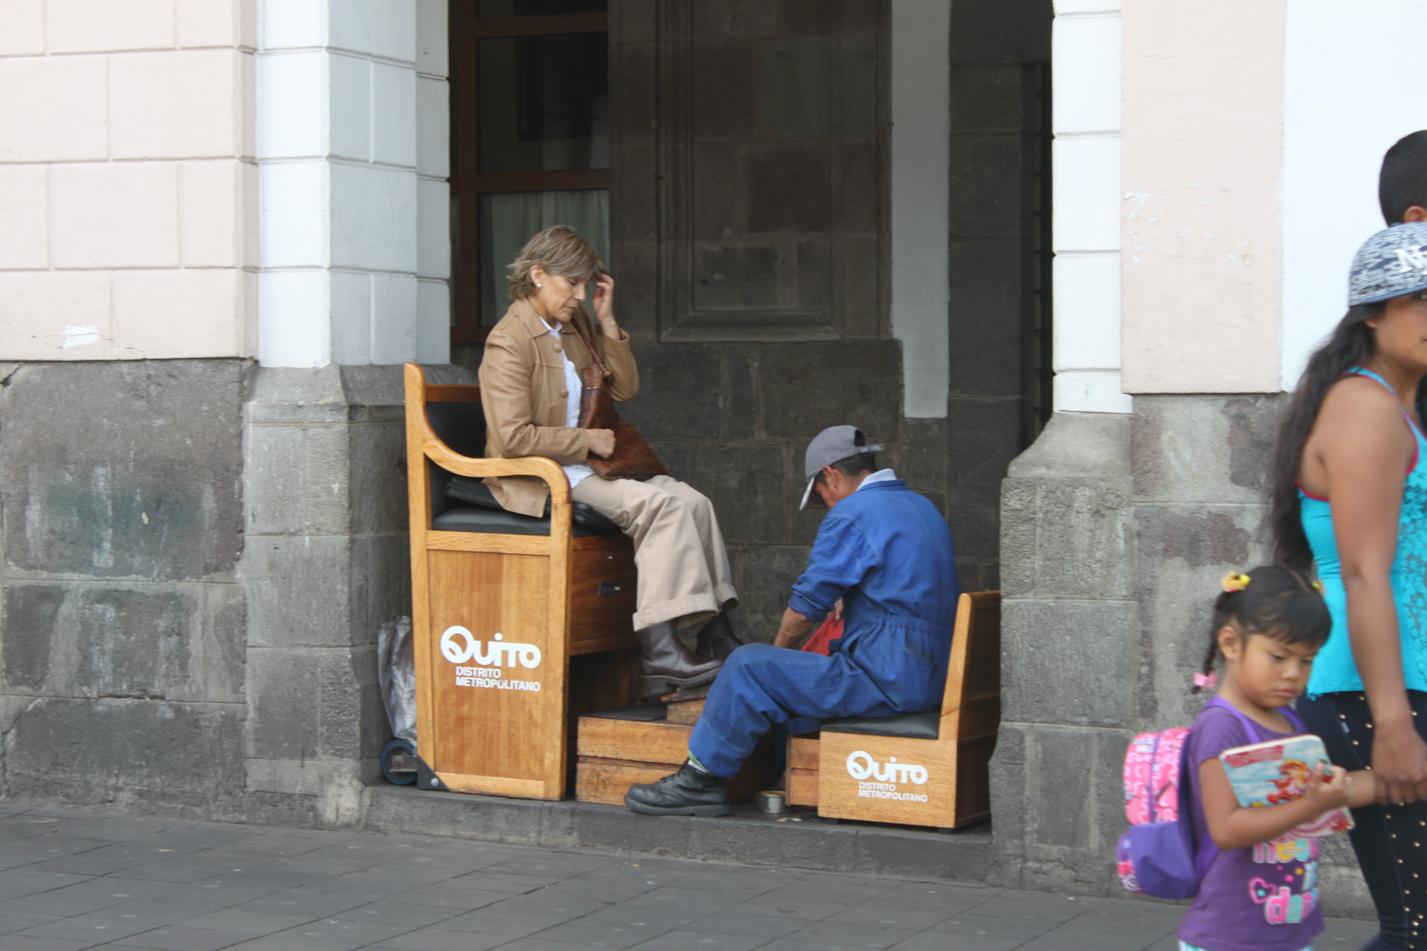 Schuhputzer gehören seit Mexiko fest zum Bild von jedem Hauptplatz.